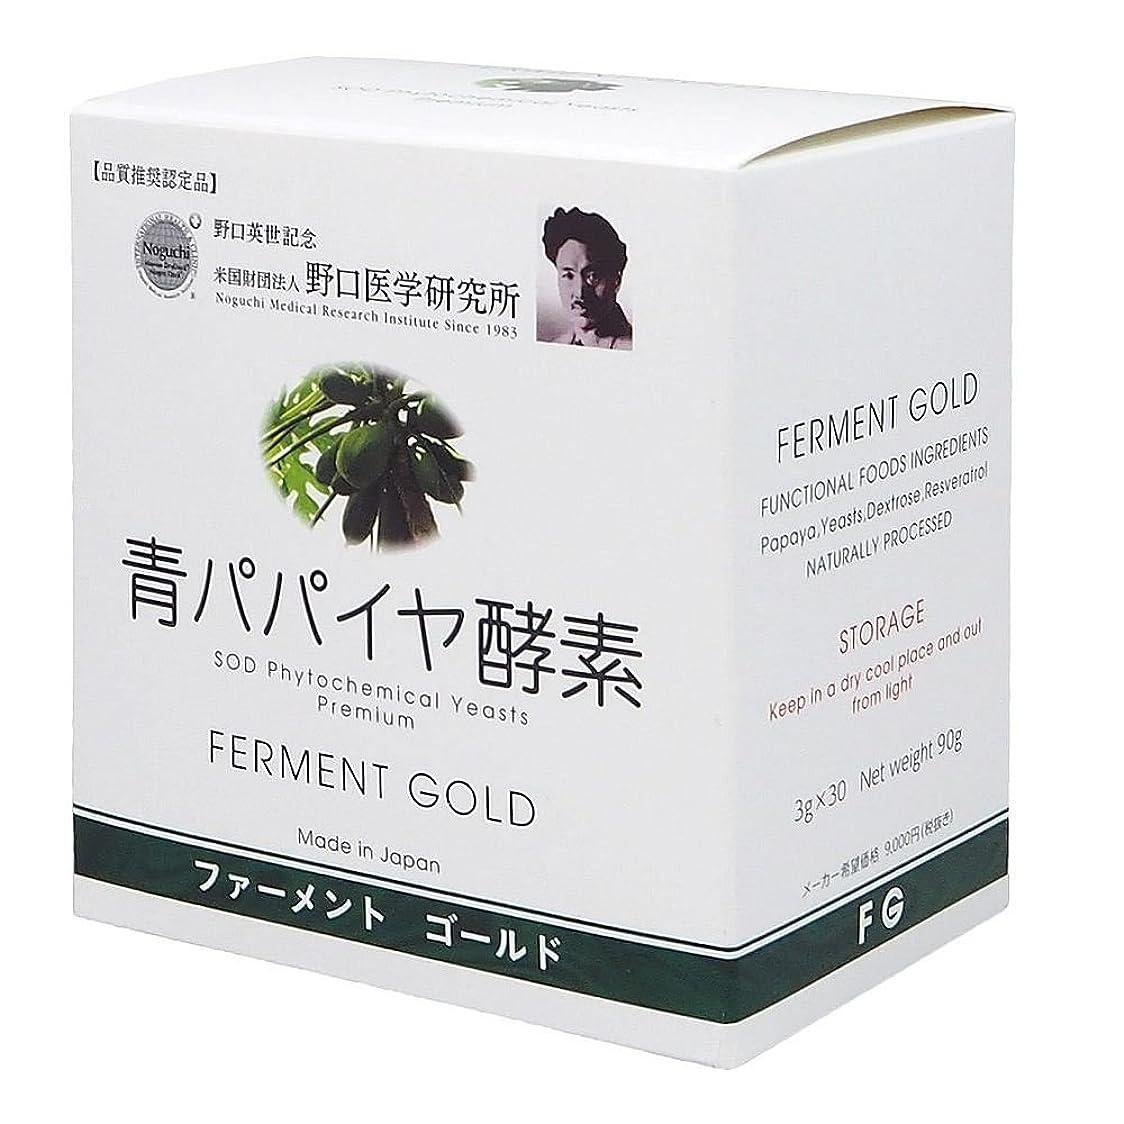 そんなに面白い聞く青パパイヤ発酵食品 青パパイヤ酵素 ファーメントゴールド FERMENT GOLD (レスベラトロール配合) 90g(3gx30包)